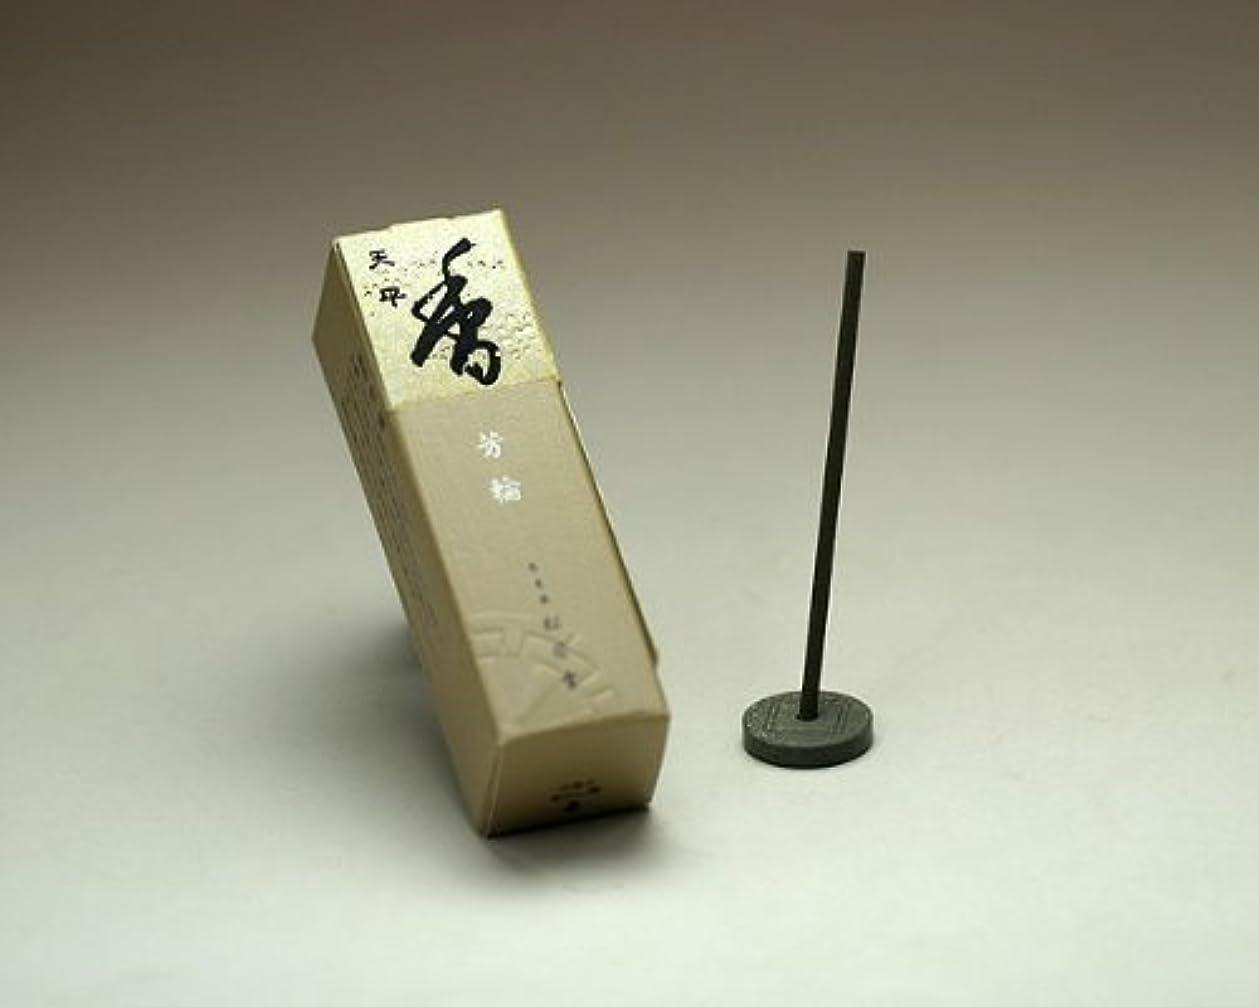 歩く式提案する銘香芳輪 松栄堂のお香 芳輪天平 ST20本入 簡易香立付 #210523